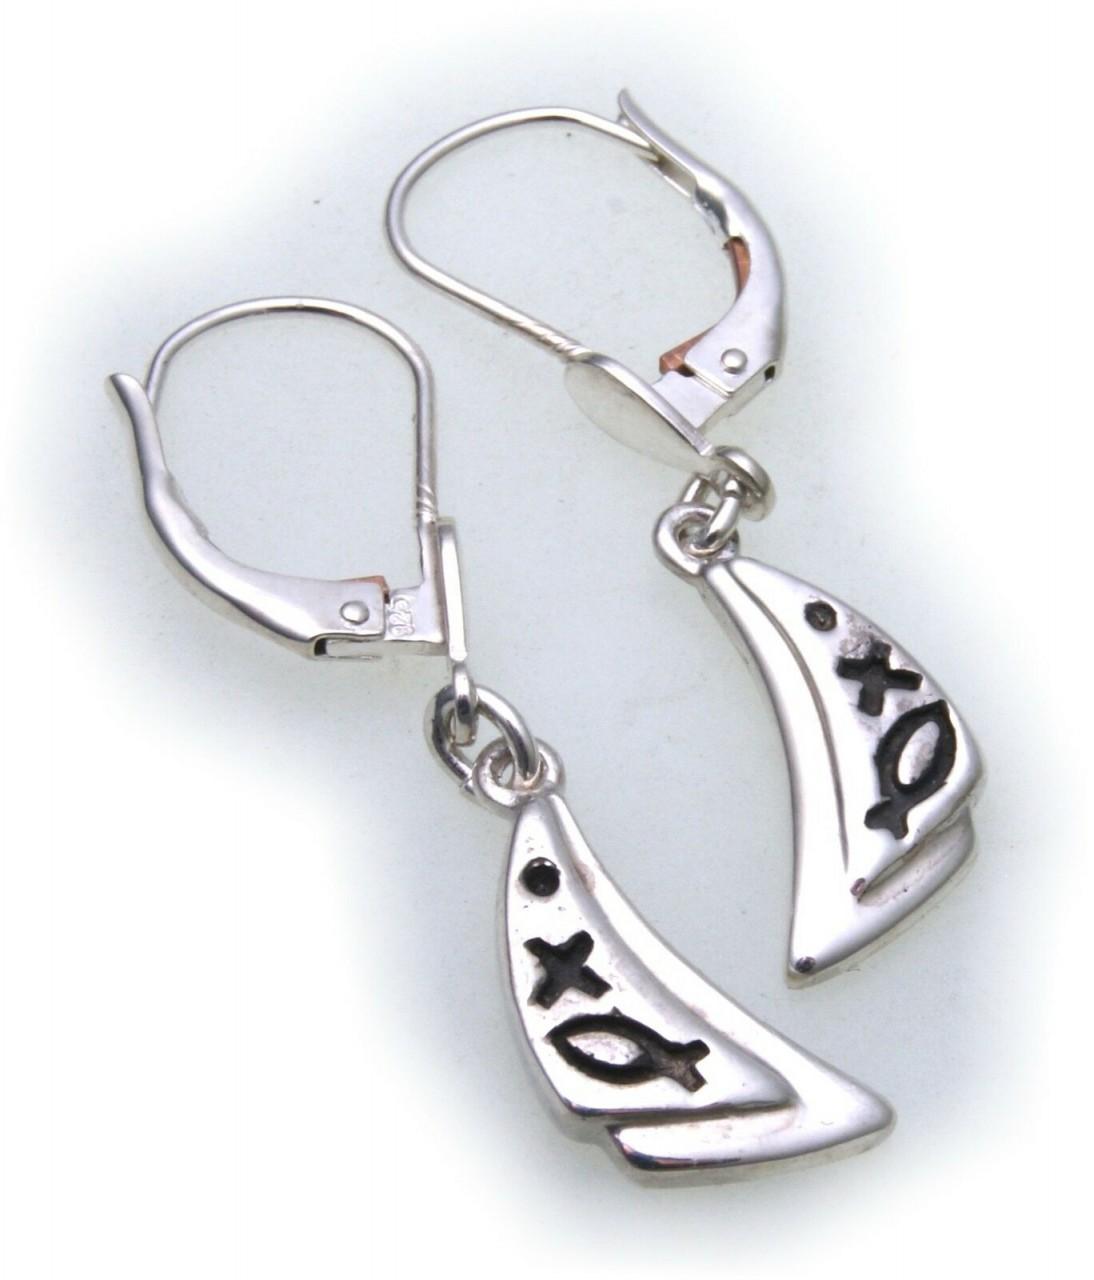 Damen Ohrringe Hänger echt Silber 925 Sterlingsilber verziert Ohrhänger günstig